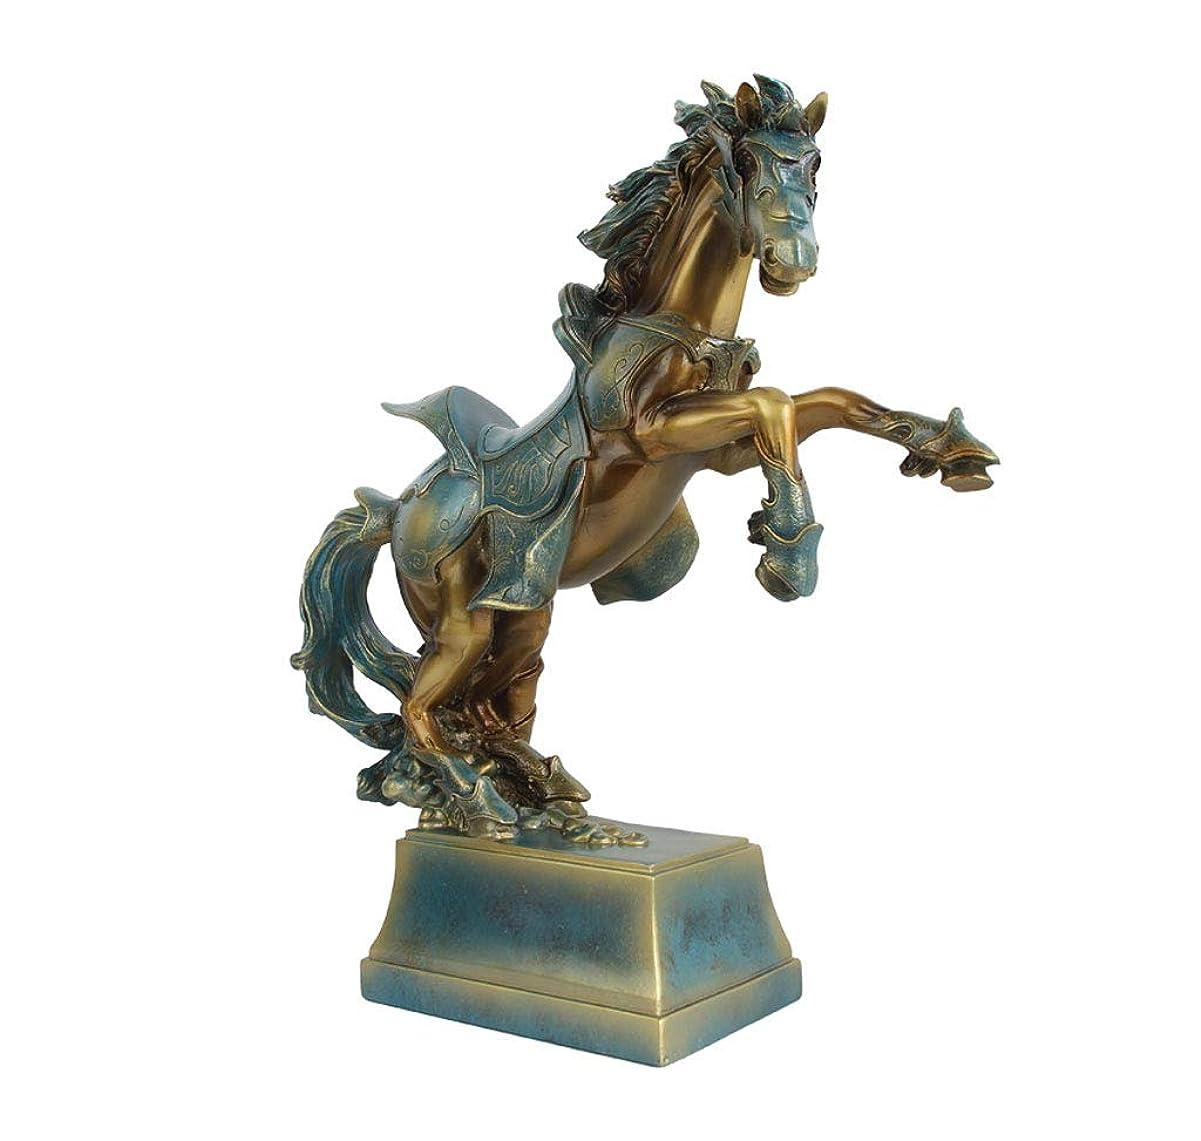 マウントバンク欠かせないファームホームオフィスのインテリアデスクの装飾に適した樹脂が豊富な竹の宝石類の装飾工芸品 アート装飾品、ヨーロッパの手作り樹脂幸運の馬、ホームデコレーションとオープニングギフト用の装飾品 (色 : ブロンズ)